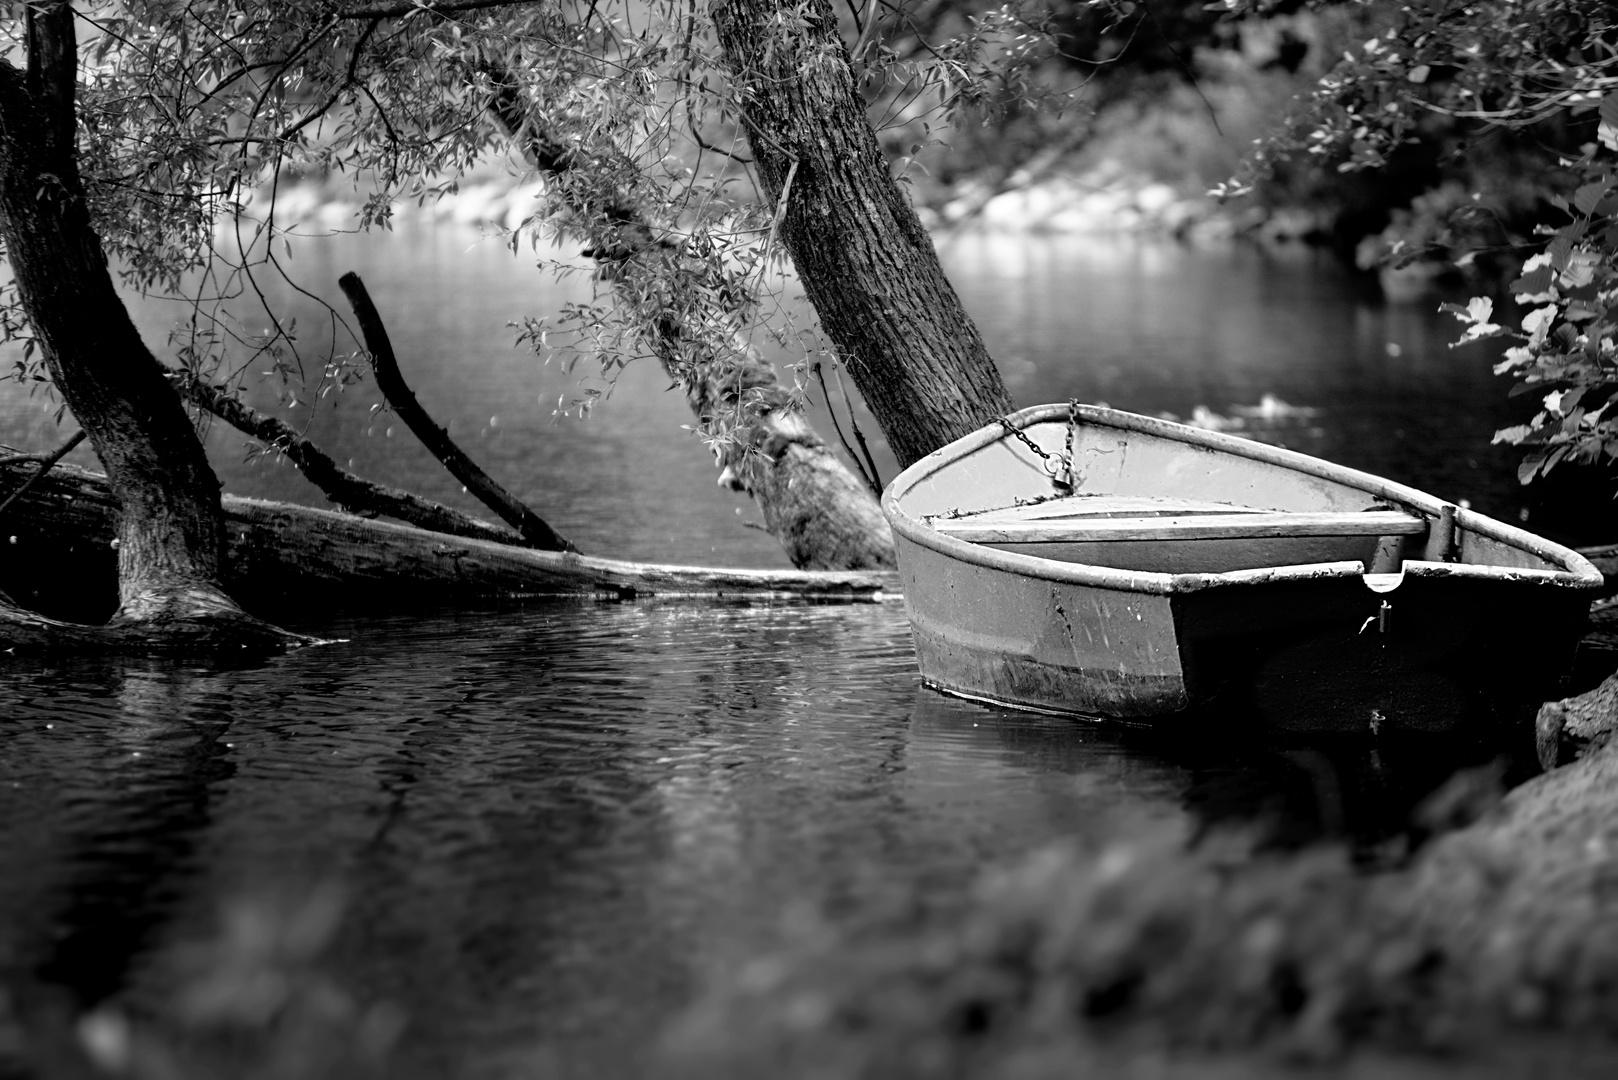 Das Boot Bilder